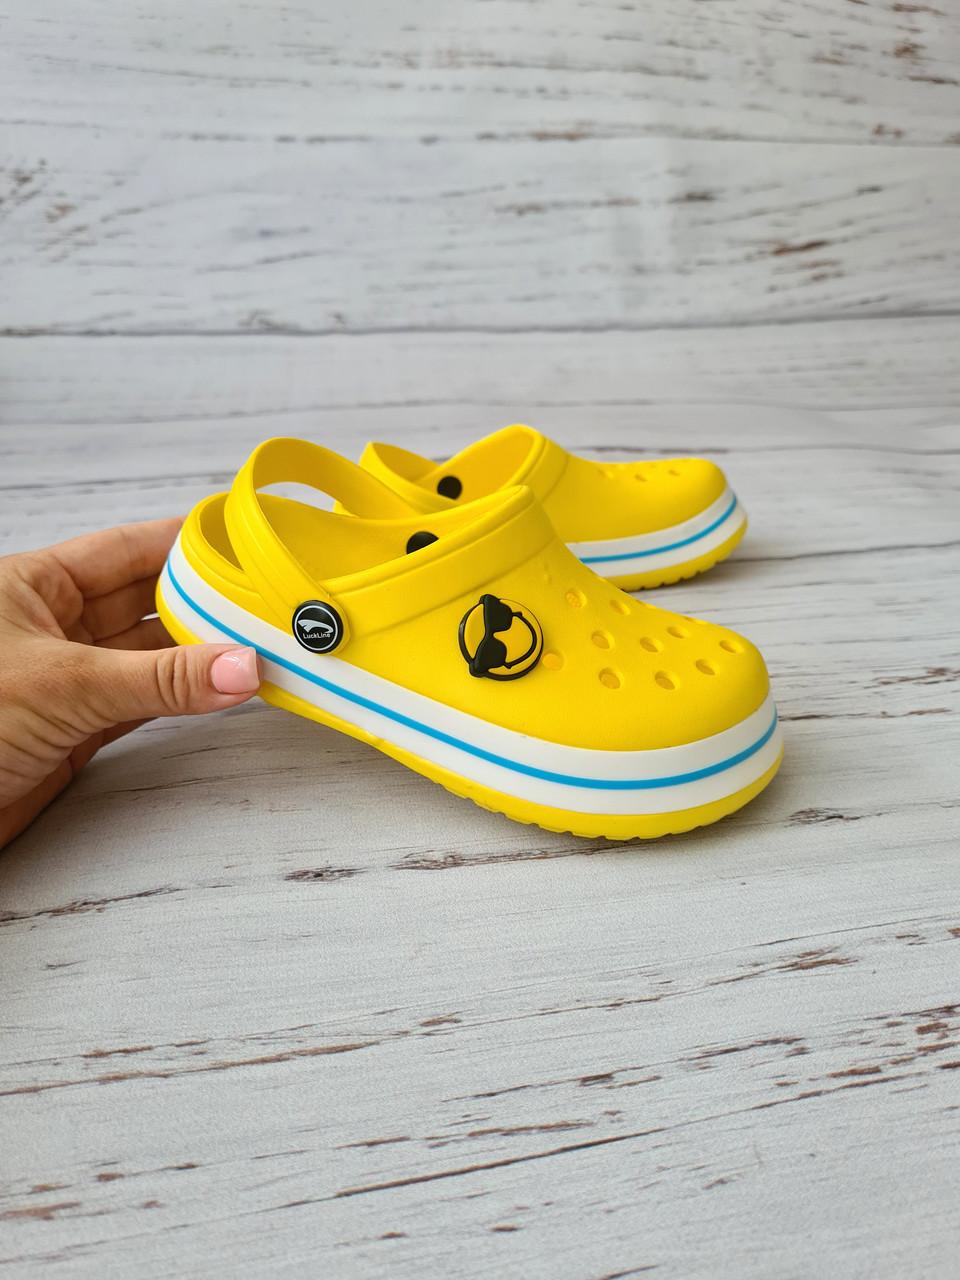 Дитячі крокси/сабо/пляжне взуття для дітей Luckline 30-31р, 19.5 см